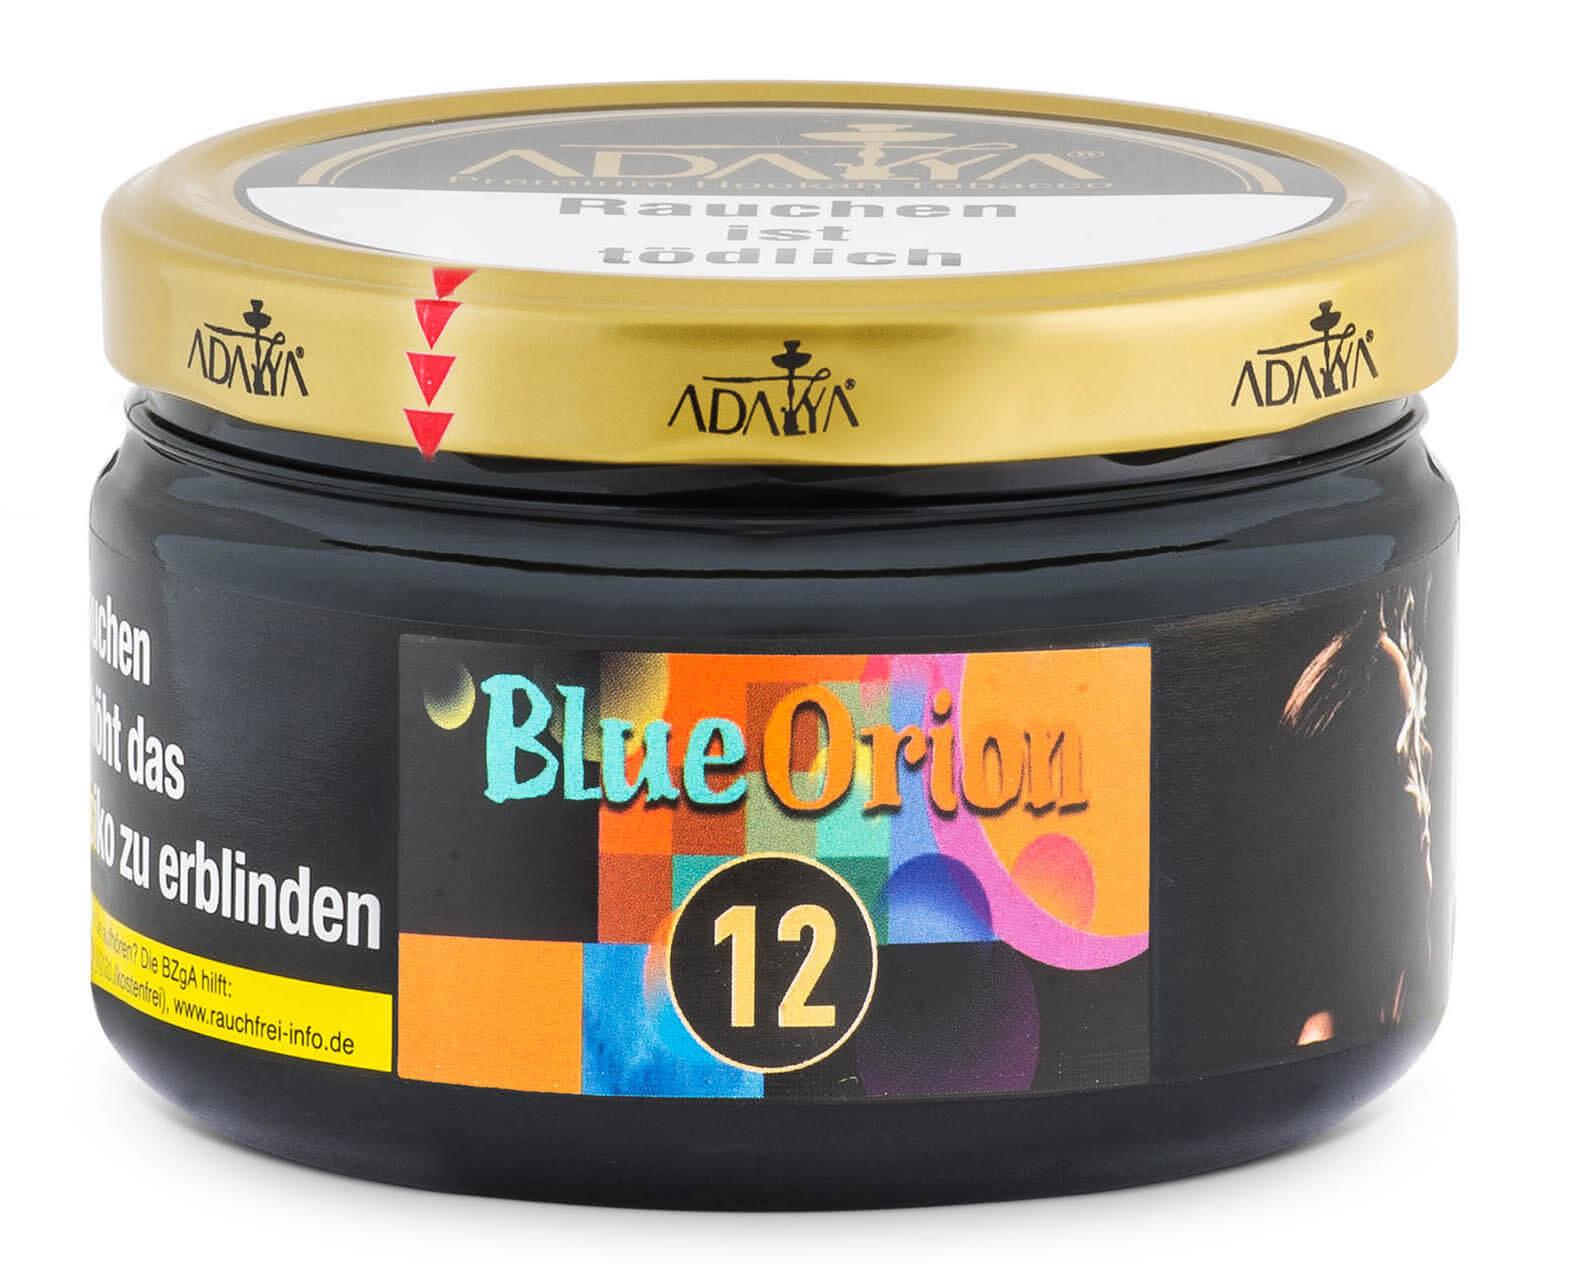 Adalya Tabak Blue Orion #12 200g